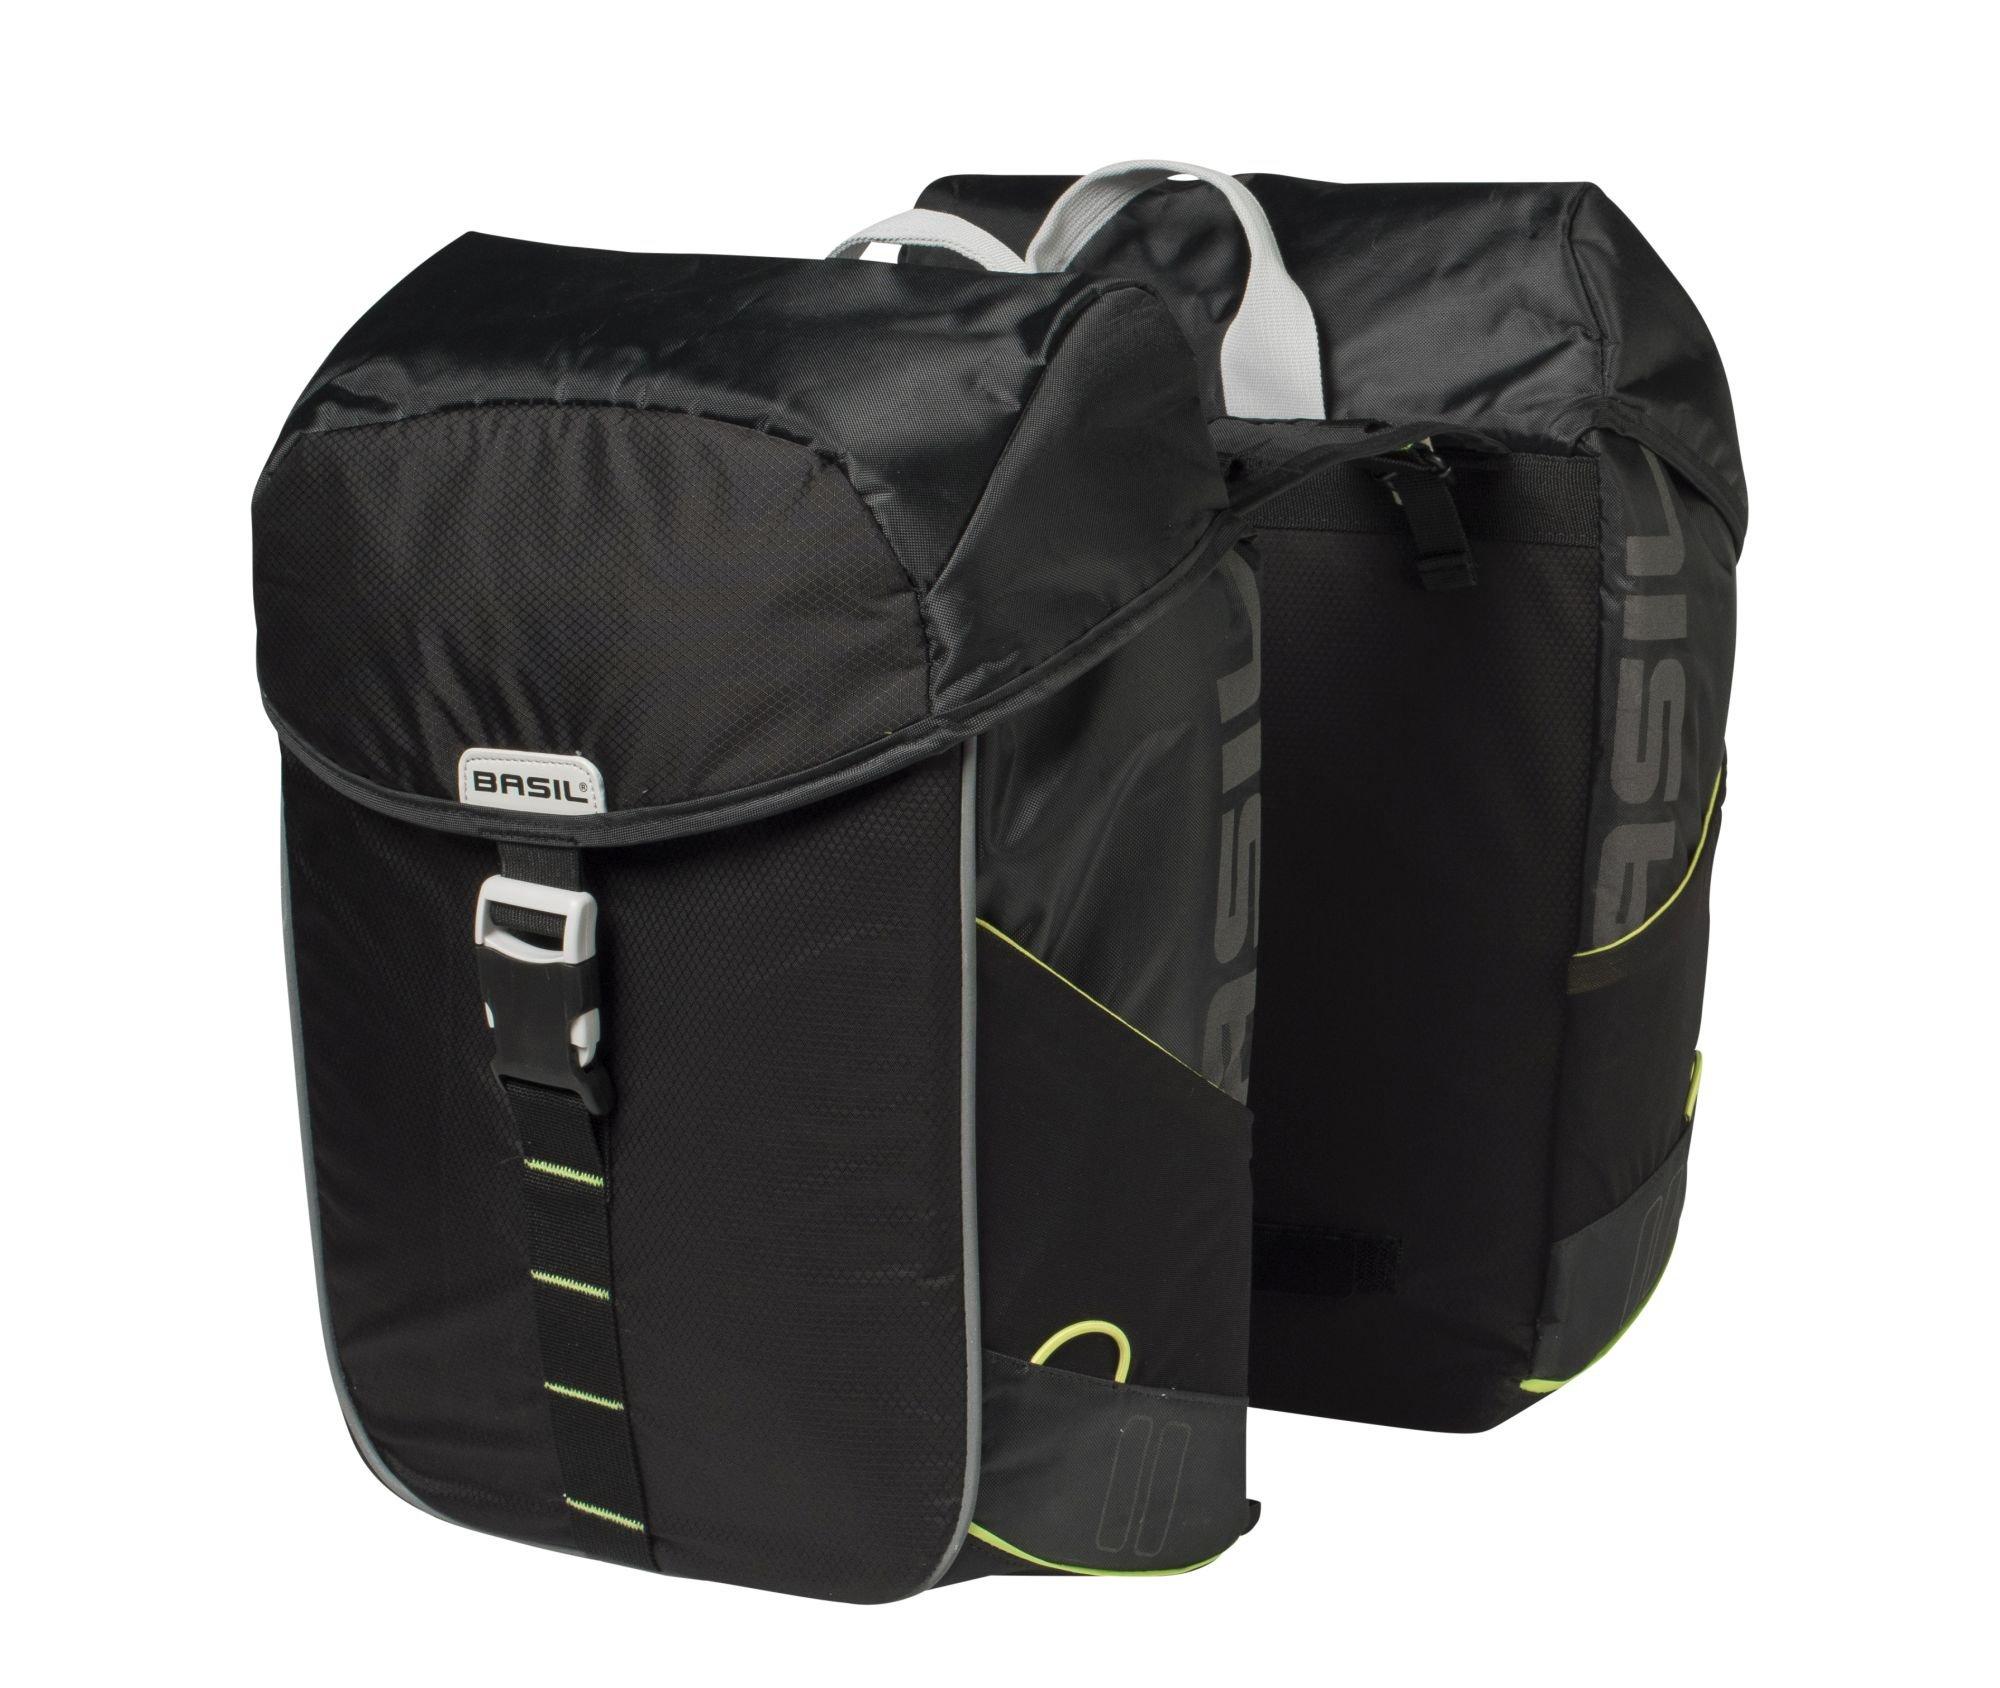 Basil Doppelpacktasche 34L black lime Miles Double Bag